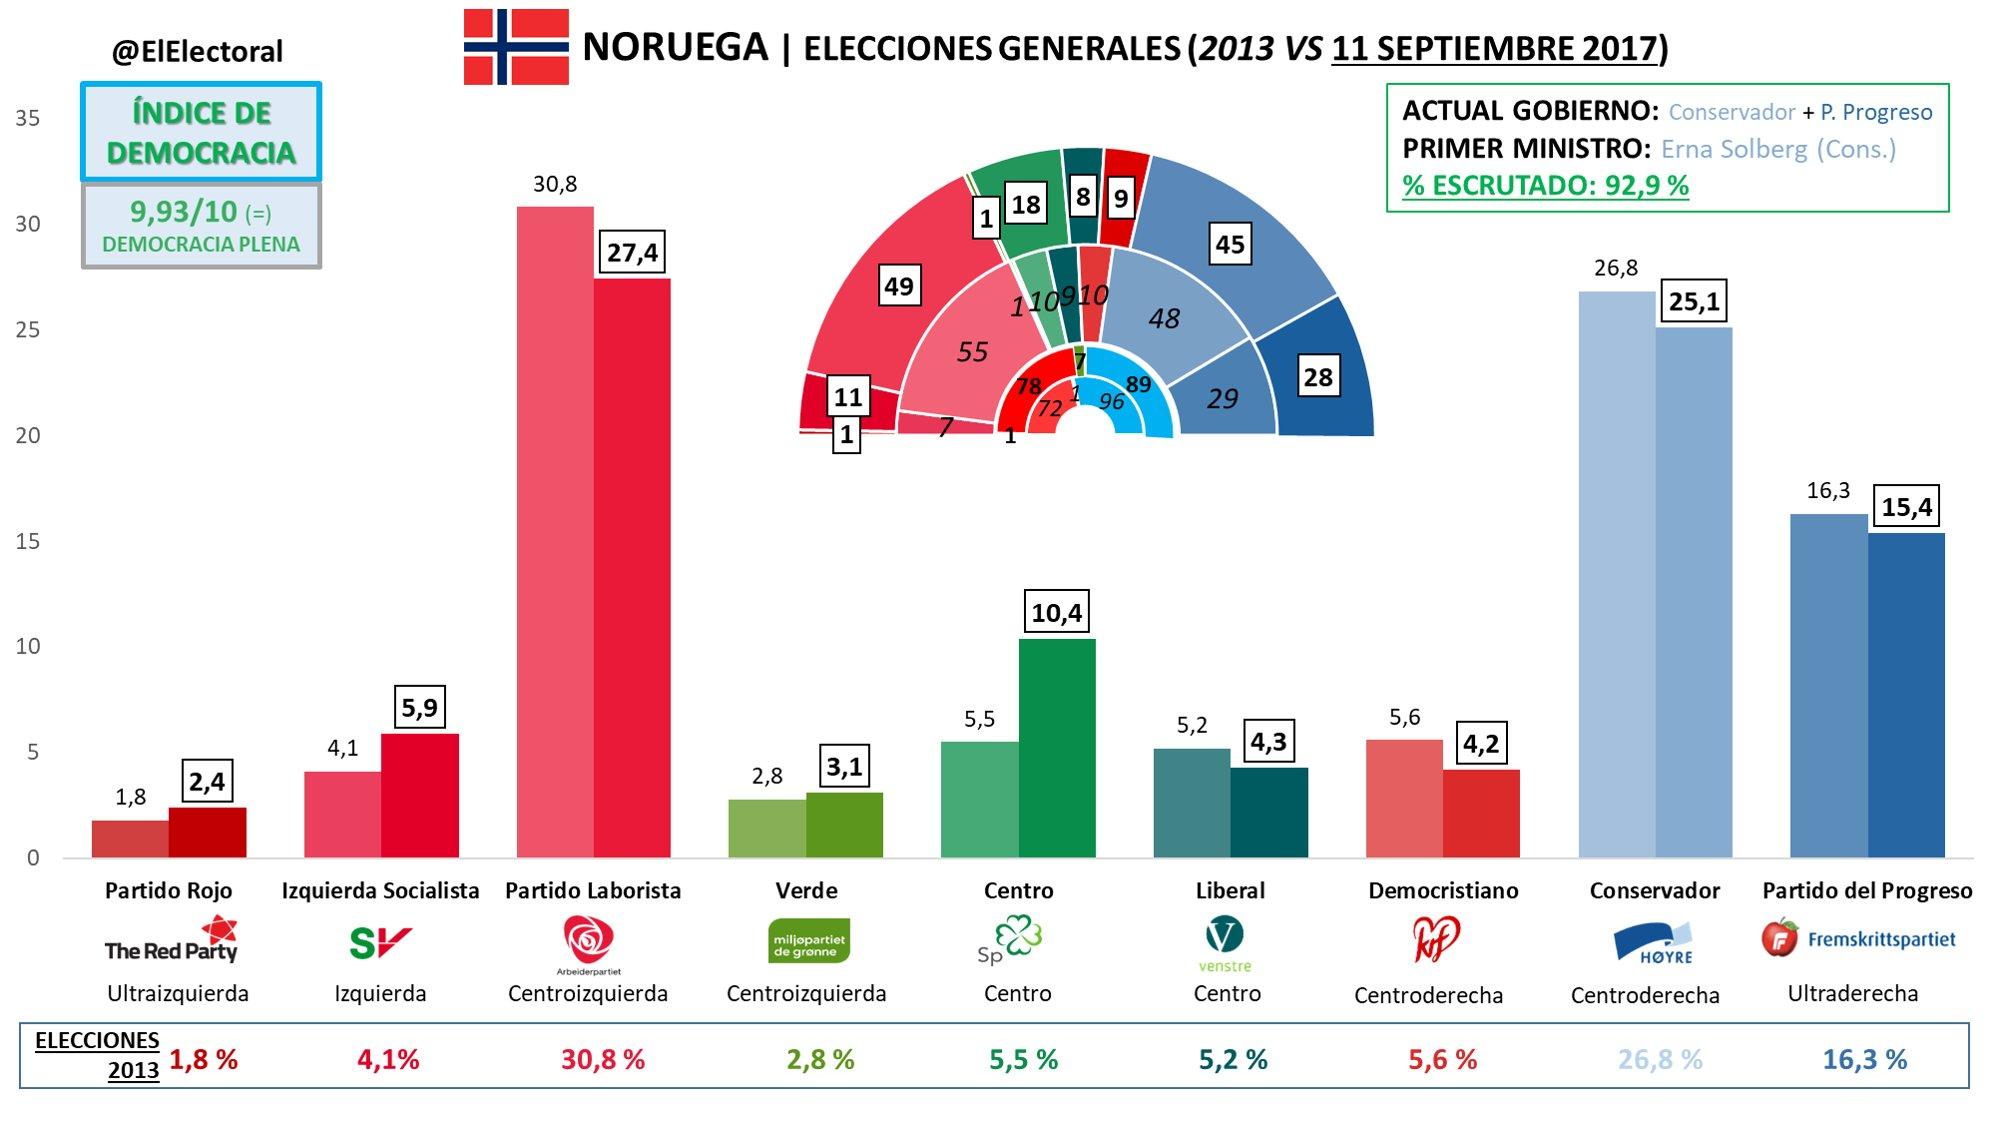 La derecha se queda en noruega for Resultados elecciones ministerio del interior